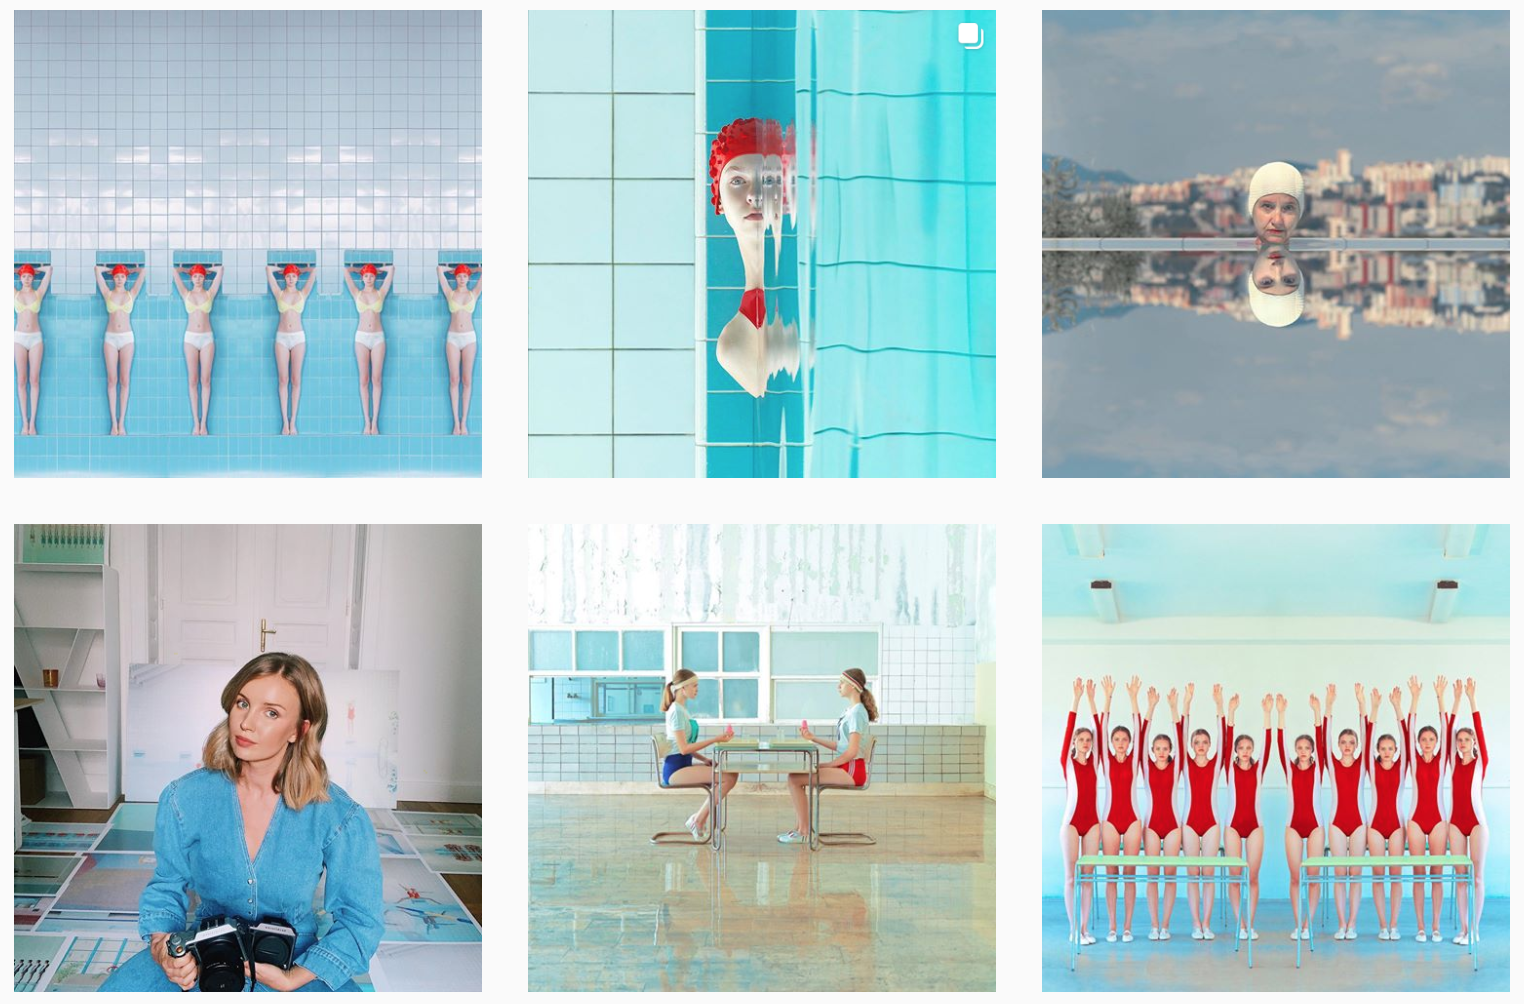 Maria Švarbová e il fascino discreto (e surreale) delle piscine comunali